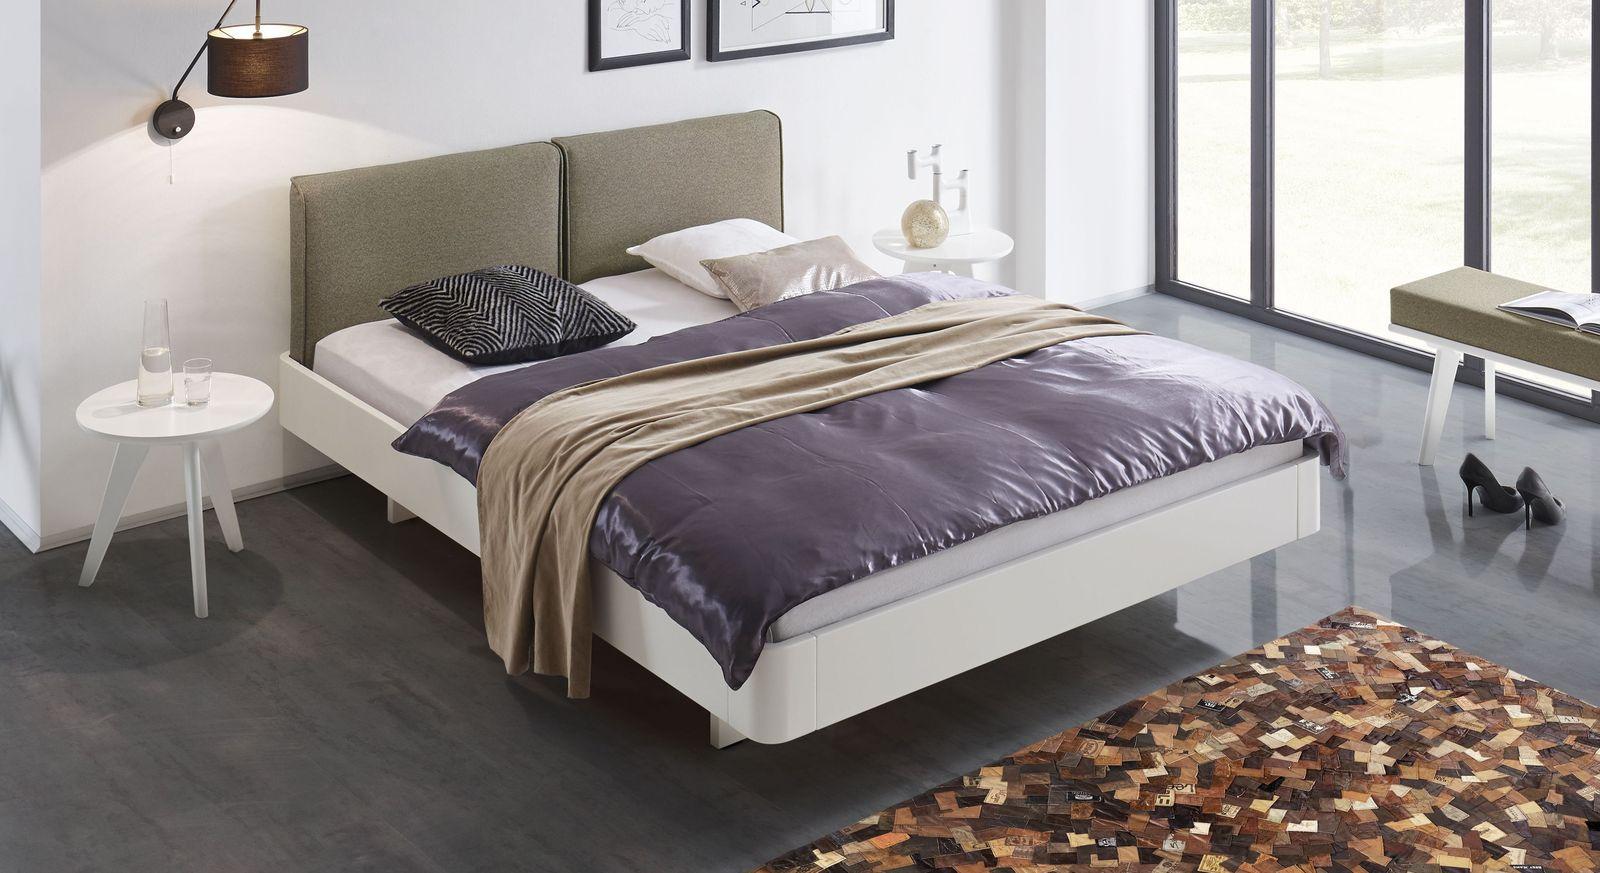 Bett Iraklia in Weiß mit sandgrauem Polsterkopfteil